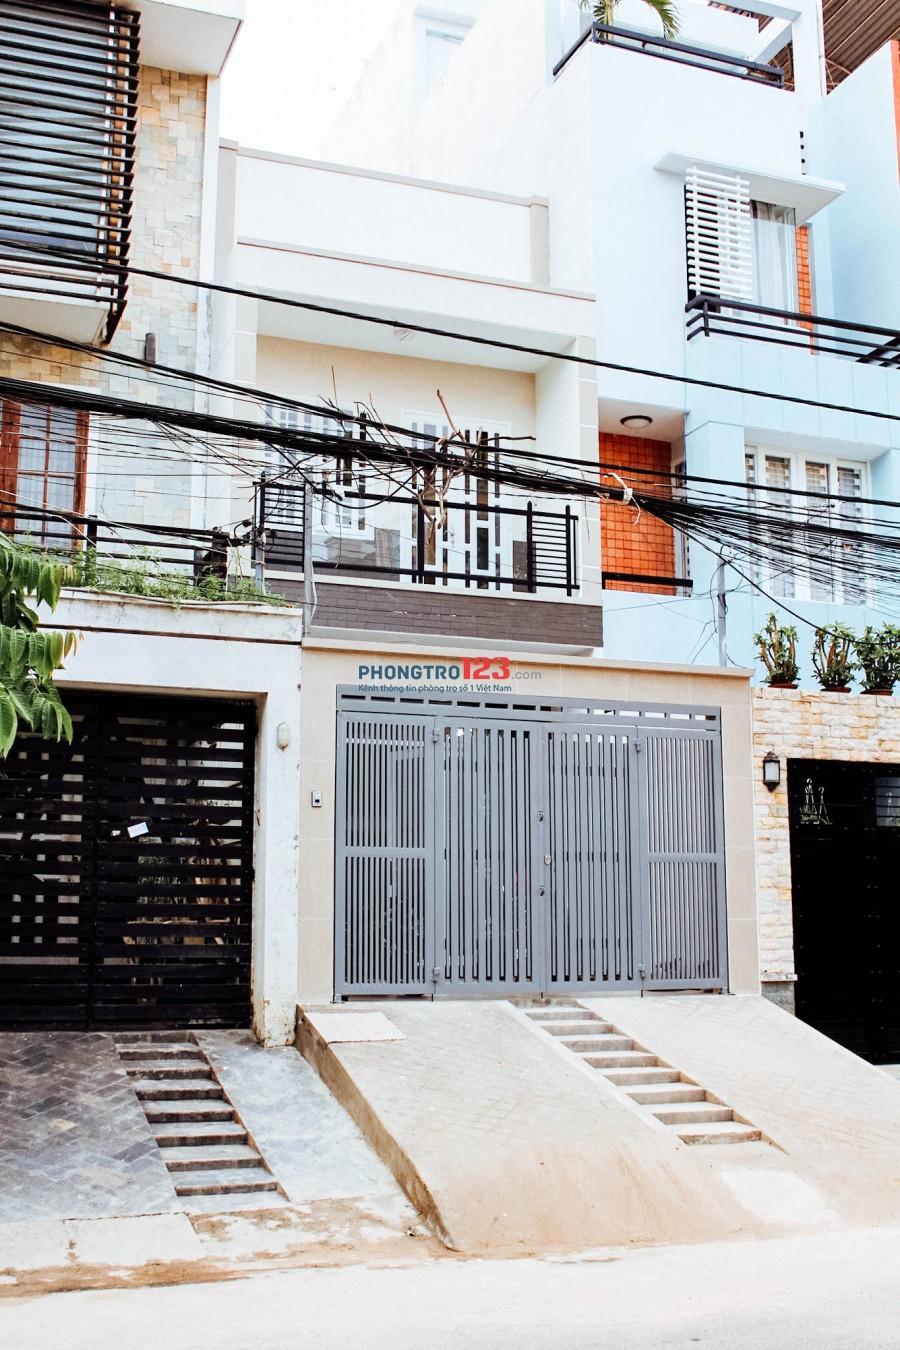 Cho Thuê nhà NGUYÊN CĂN giản dị – 1 trệt 1 lầu – đường số 02, phường 4, quận 8, Tp.Hồ Chí Minh.